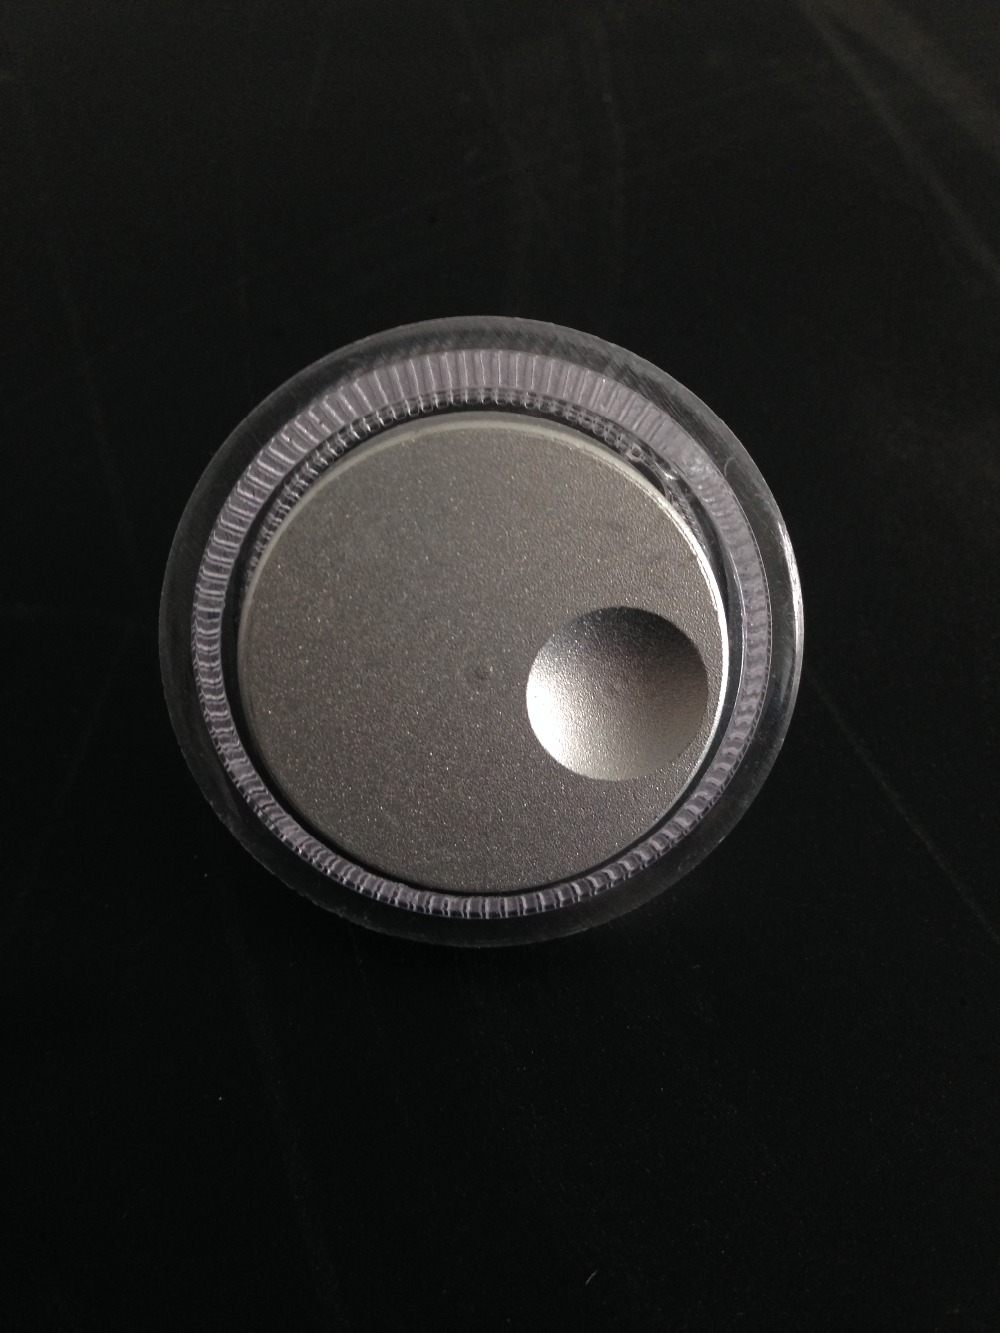 UM2 Ultimaker 2 Расширенная материнская плата Контроллер металлическая ручка кнопка контроллера 3D-принтер DIY Part